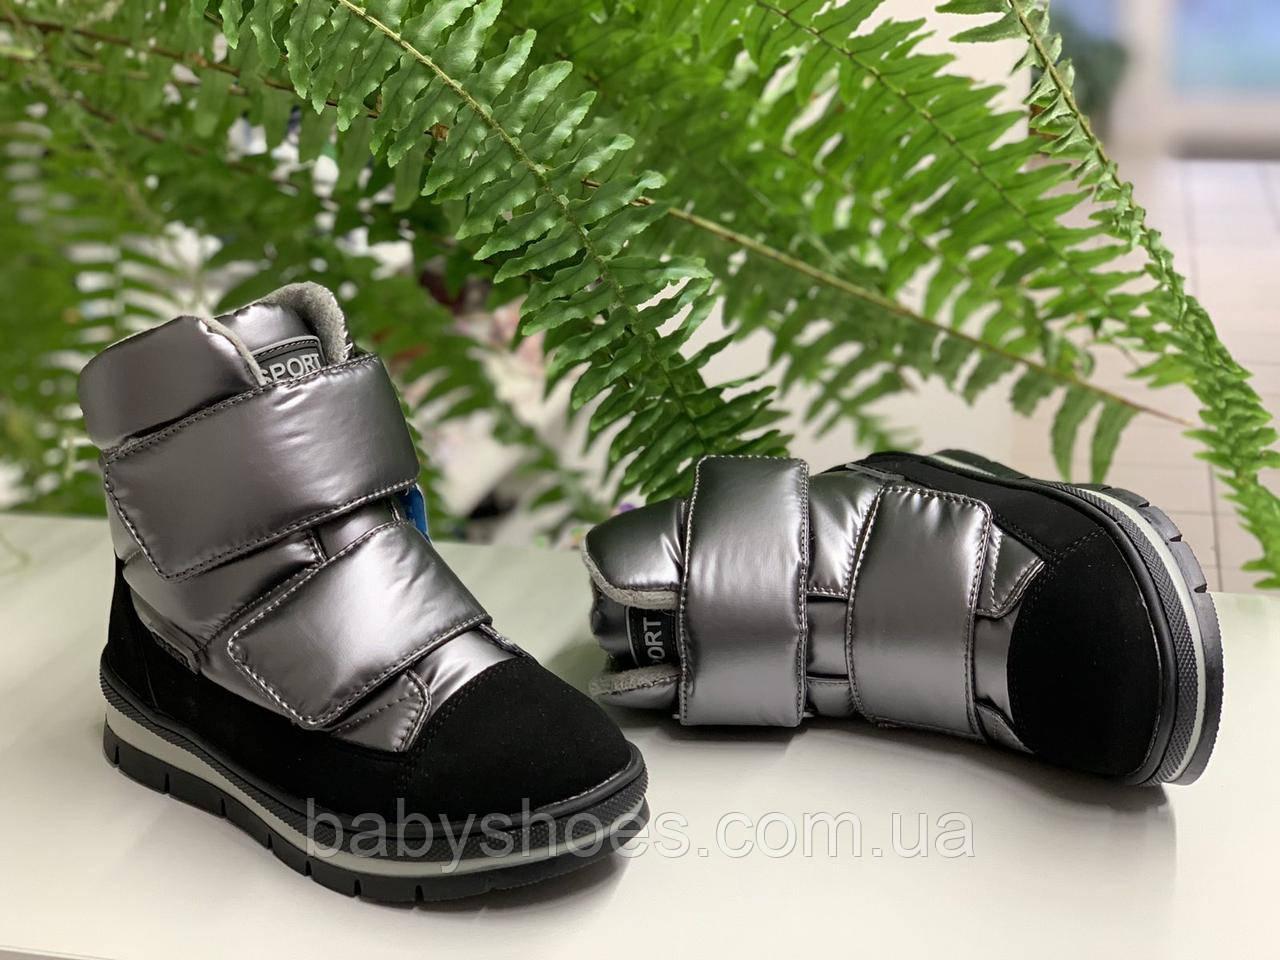 Зимние ботинки для девочки,WeeStep Польша,серебро, р.27, 28. ЗД-240